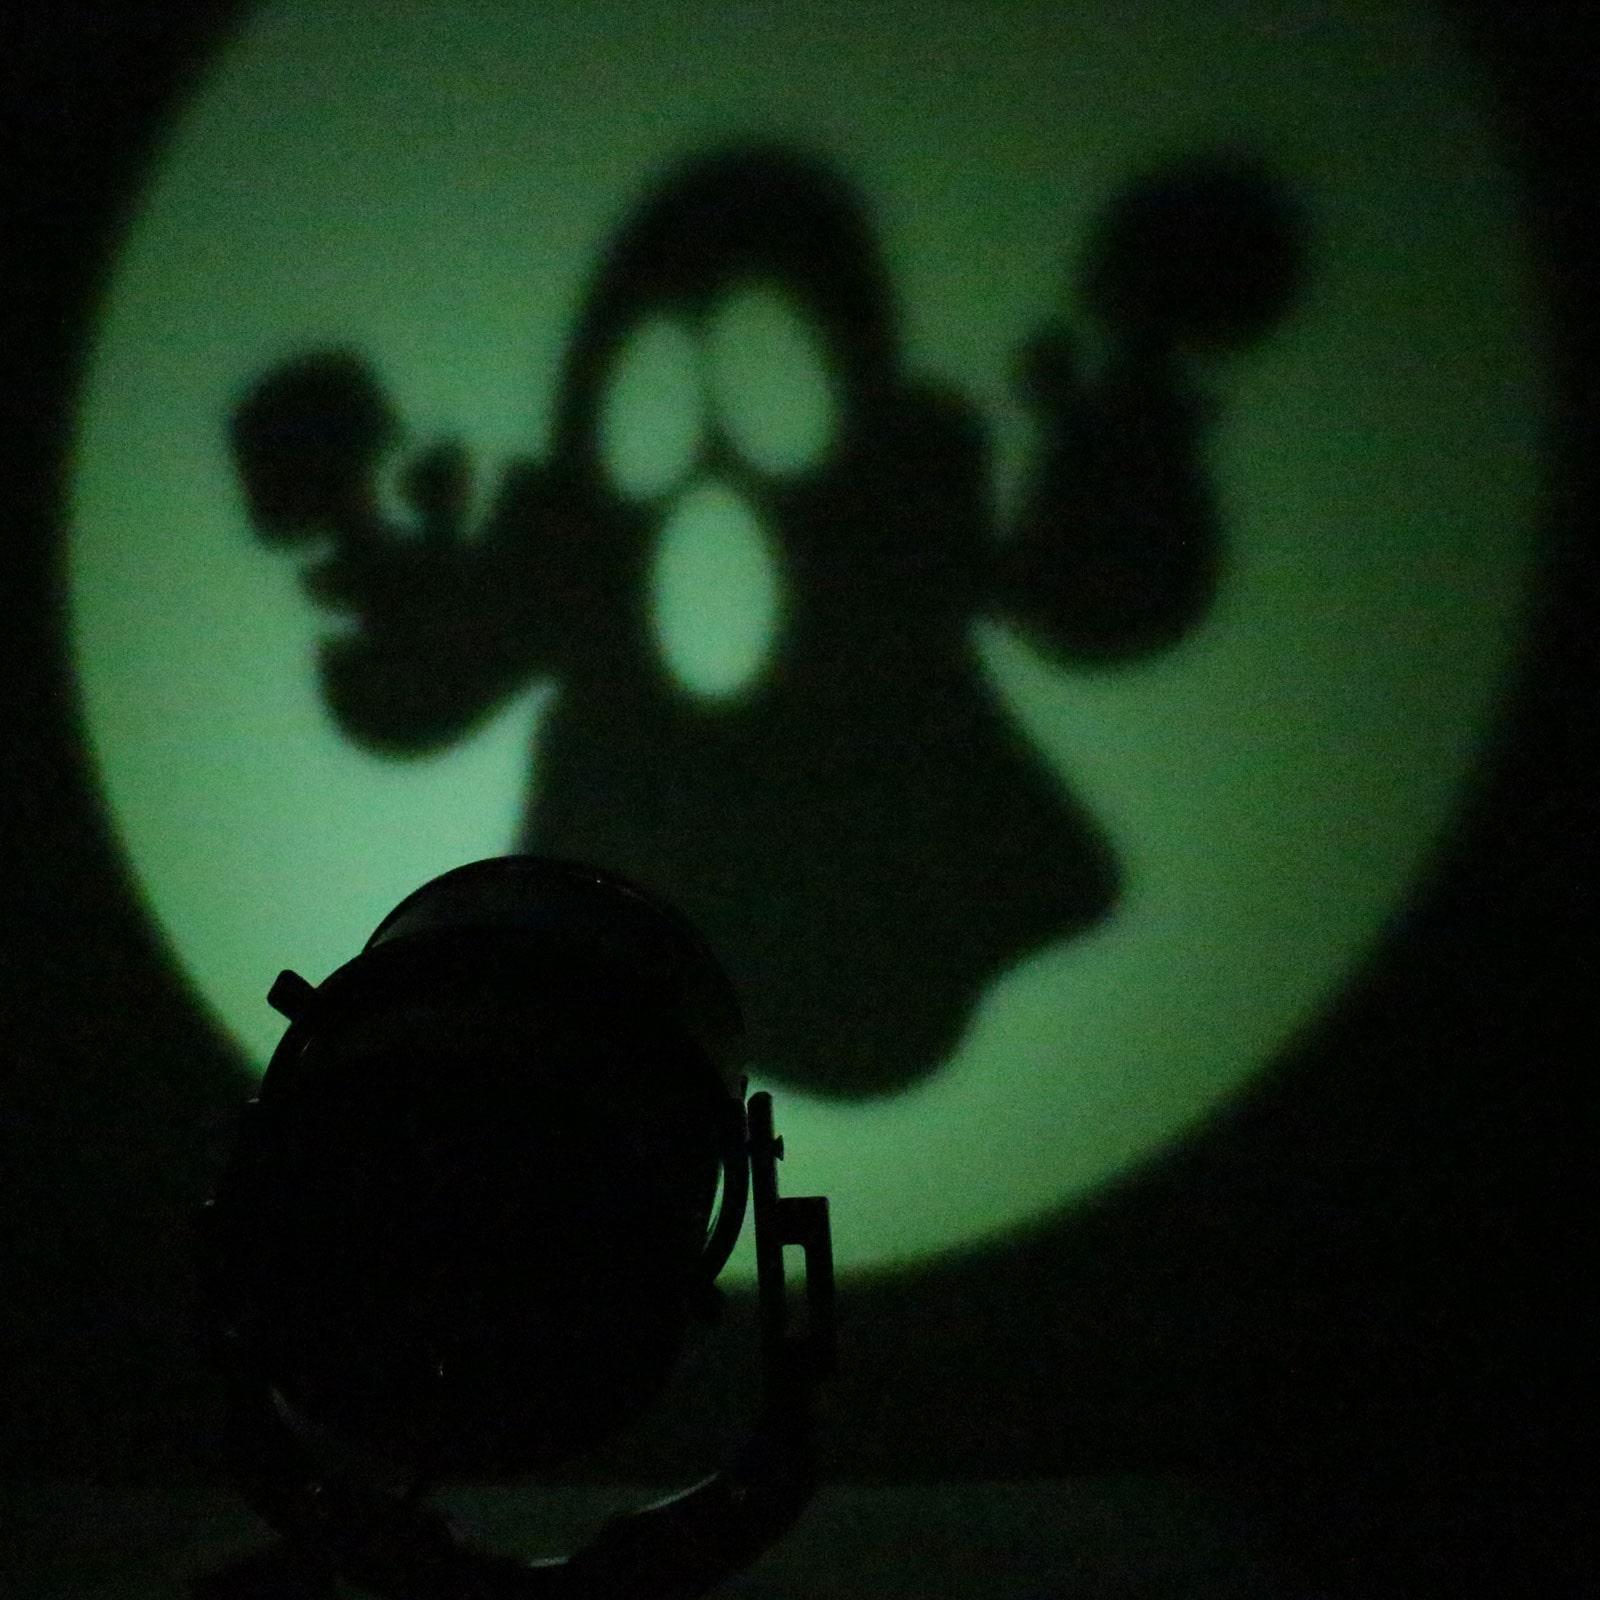 Canhão de Luz: Fantasma